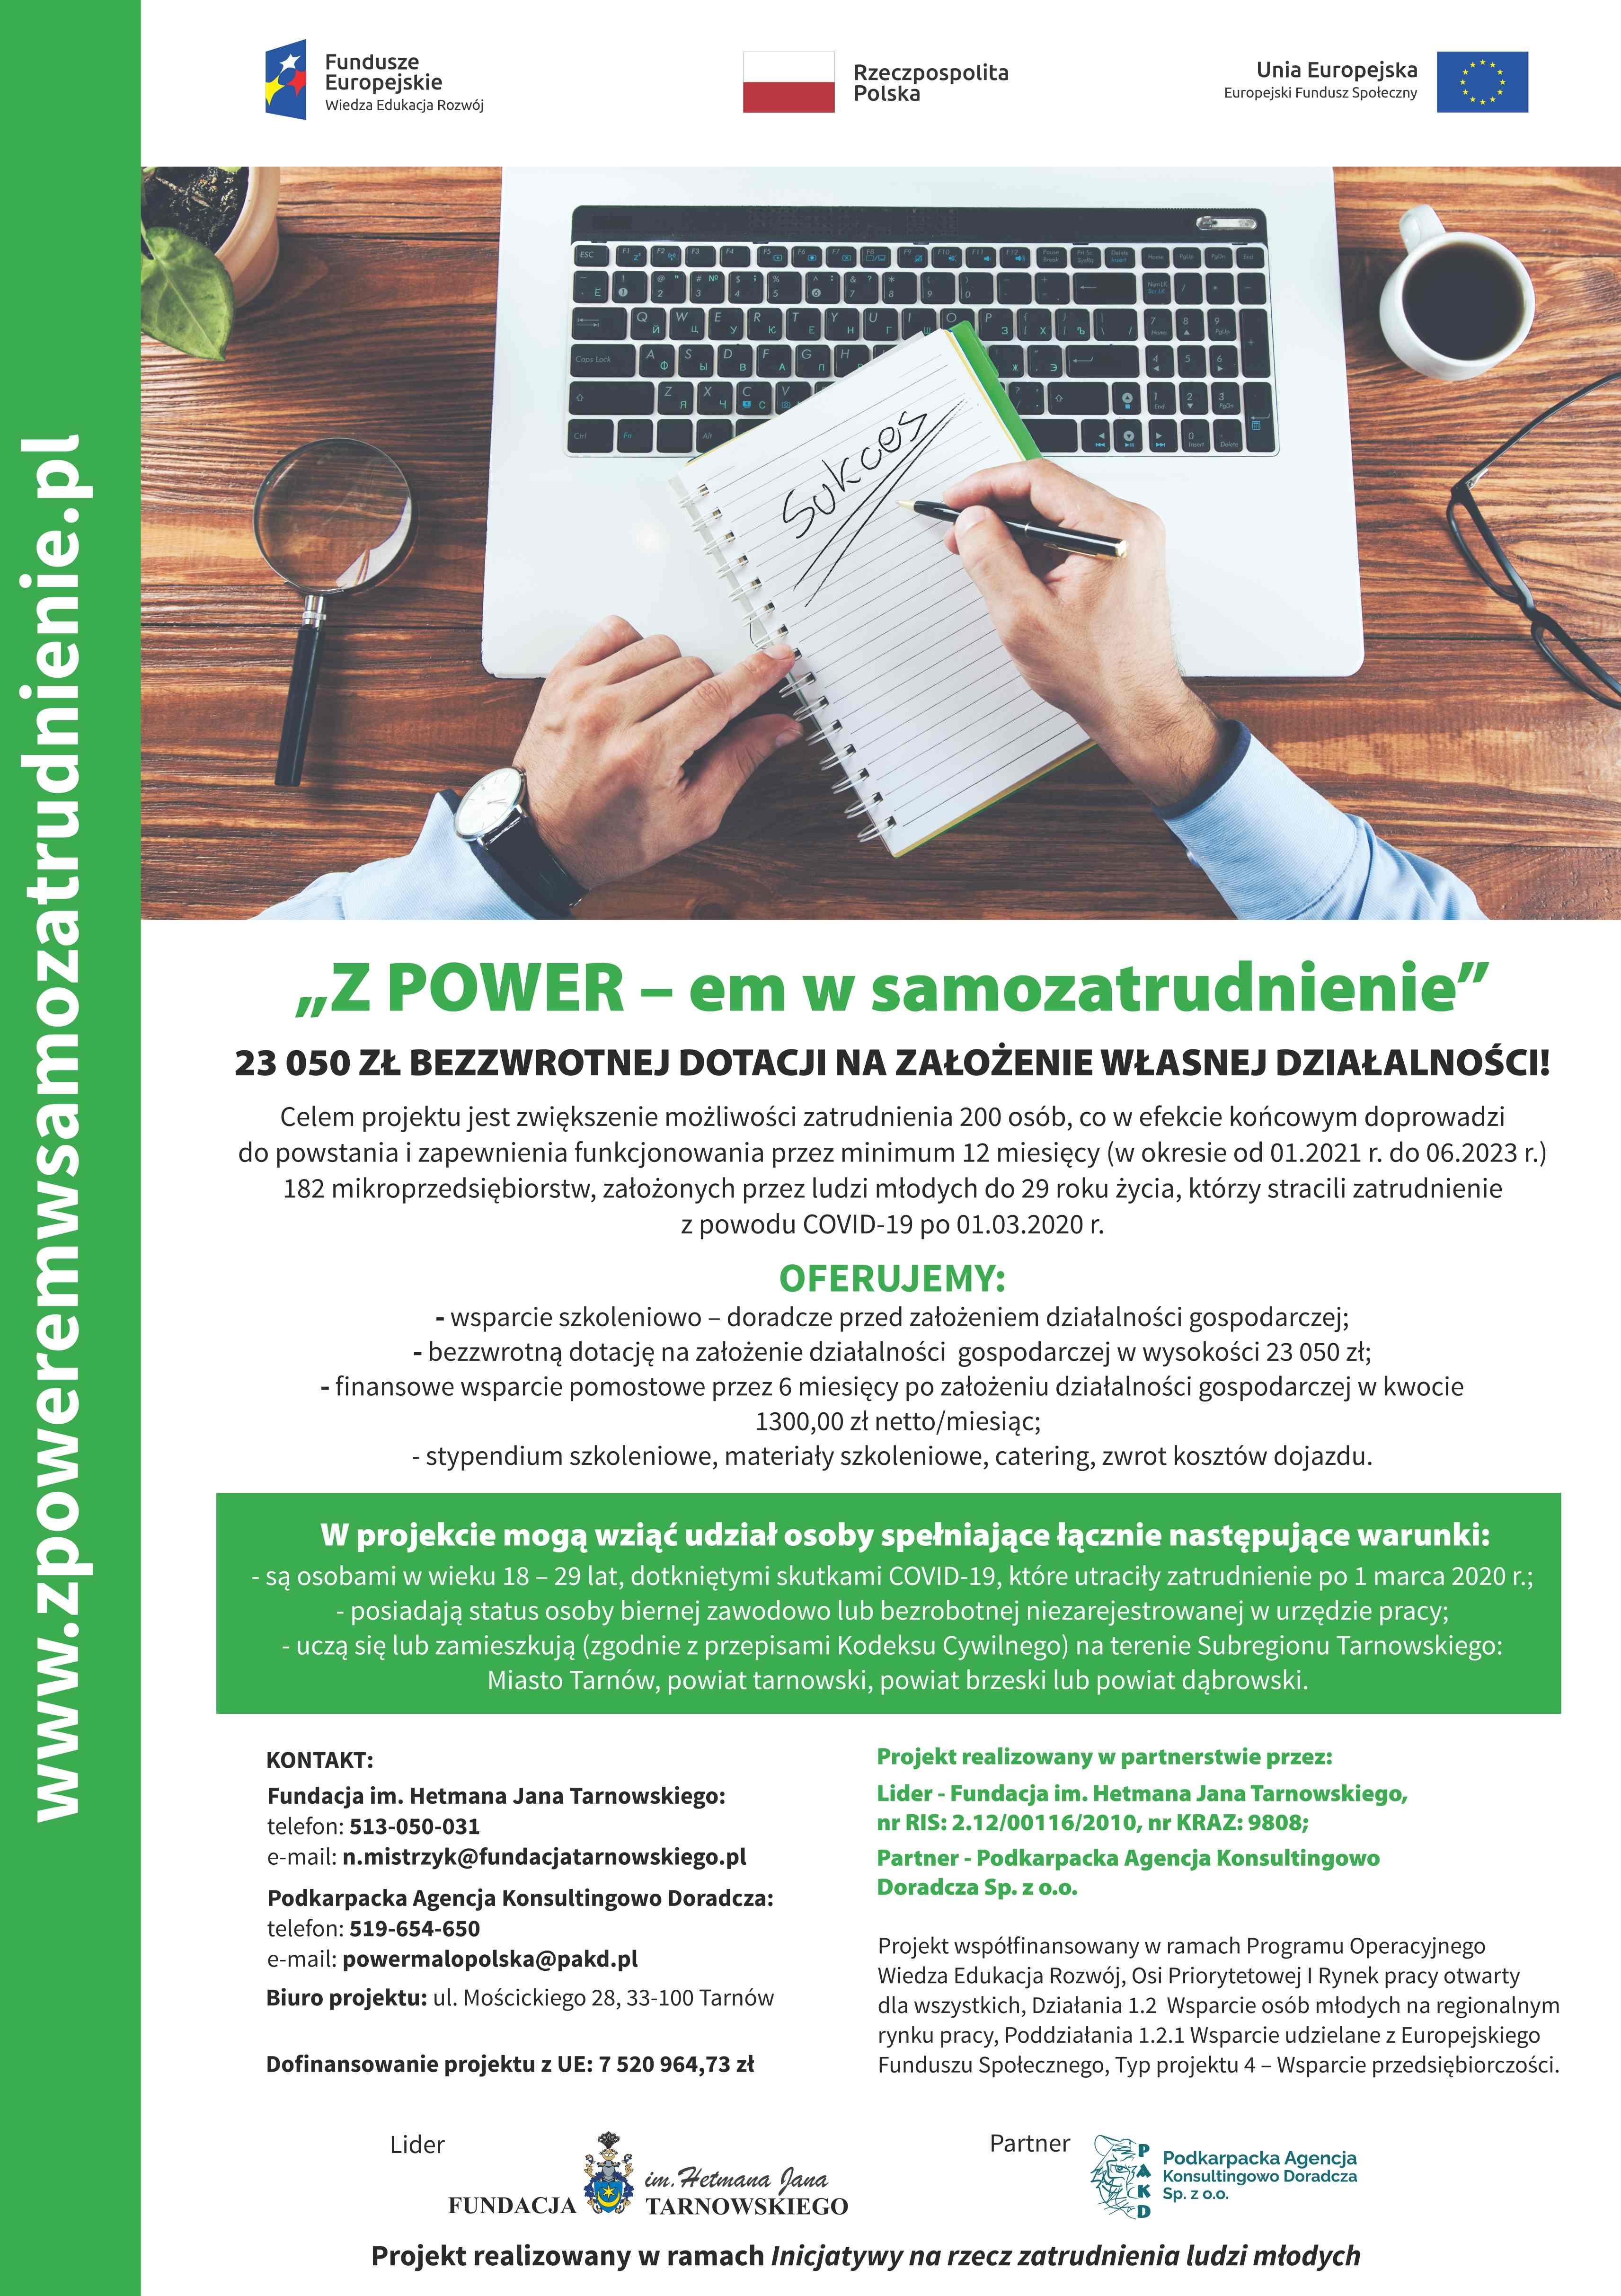 Z POWEREM W SAMOZATRUDNIENIE plakat Rekrutacja  do projektu Z POWER em w samozatrudnienie